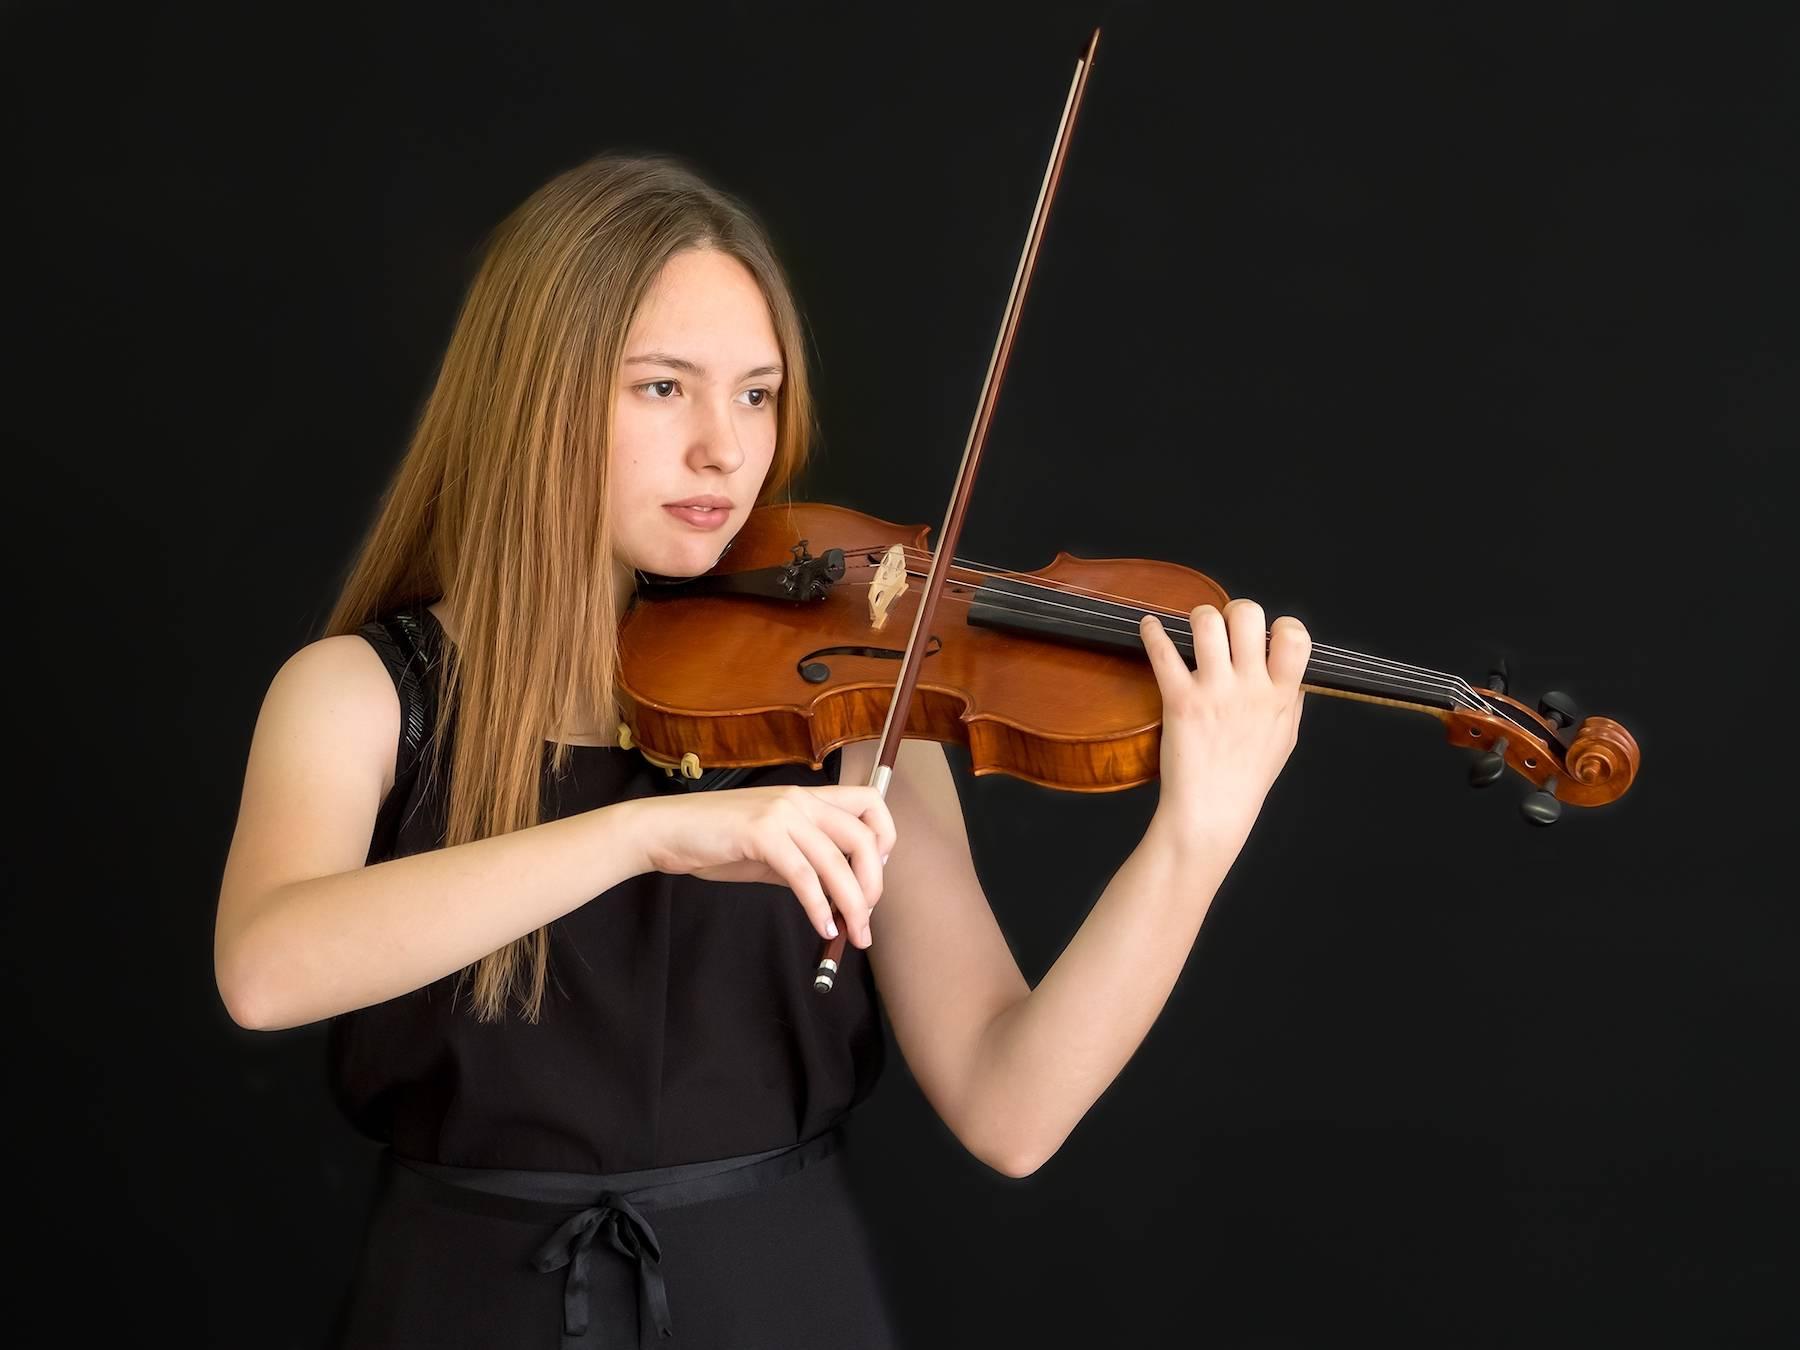 La joven violinista Blanca Mateo Raserón con la Moonlight Symphony 5